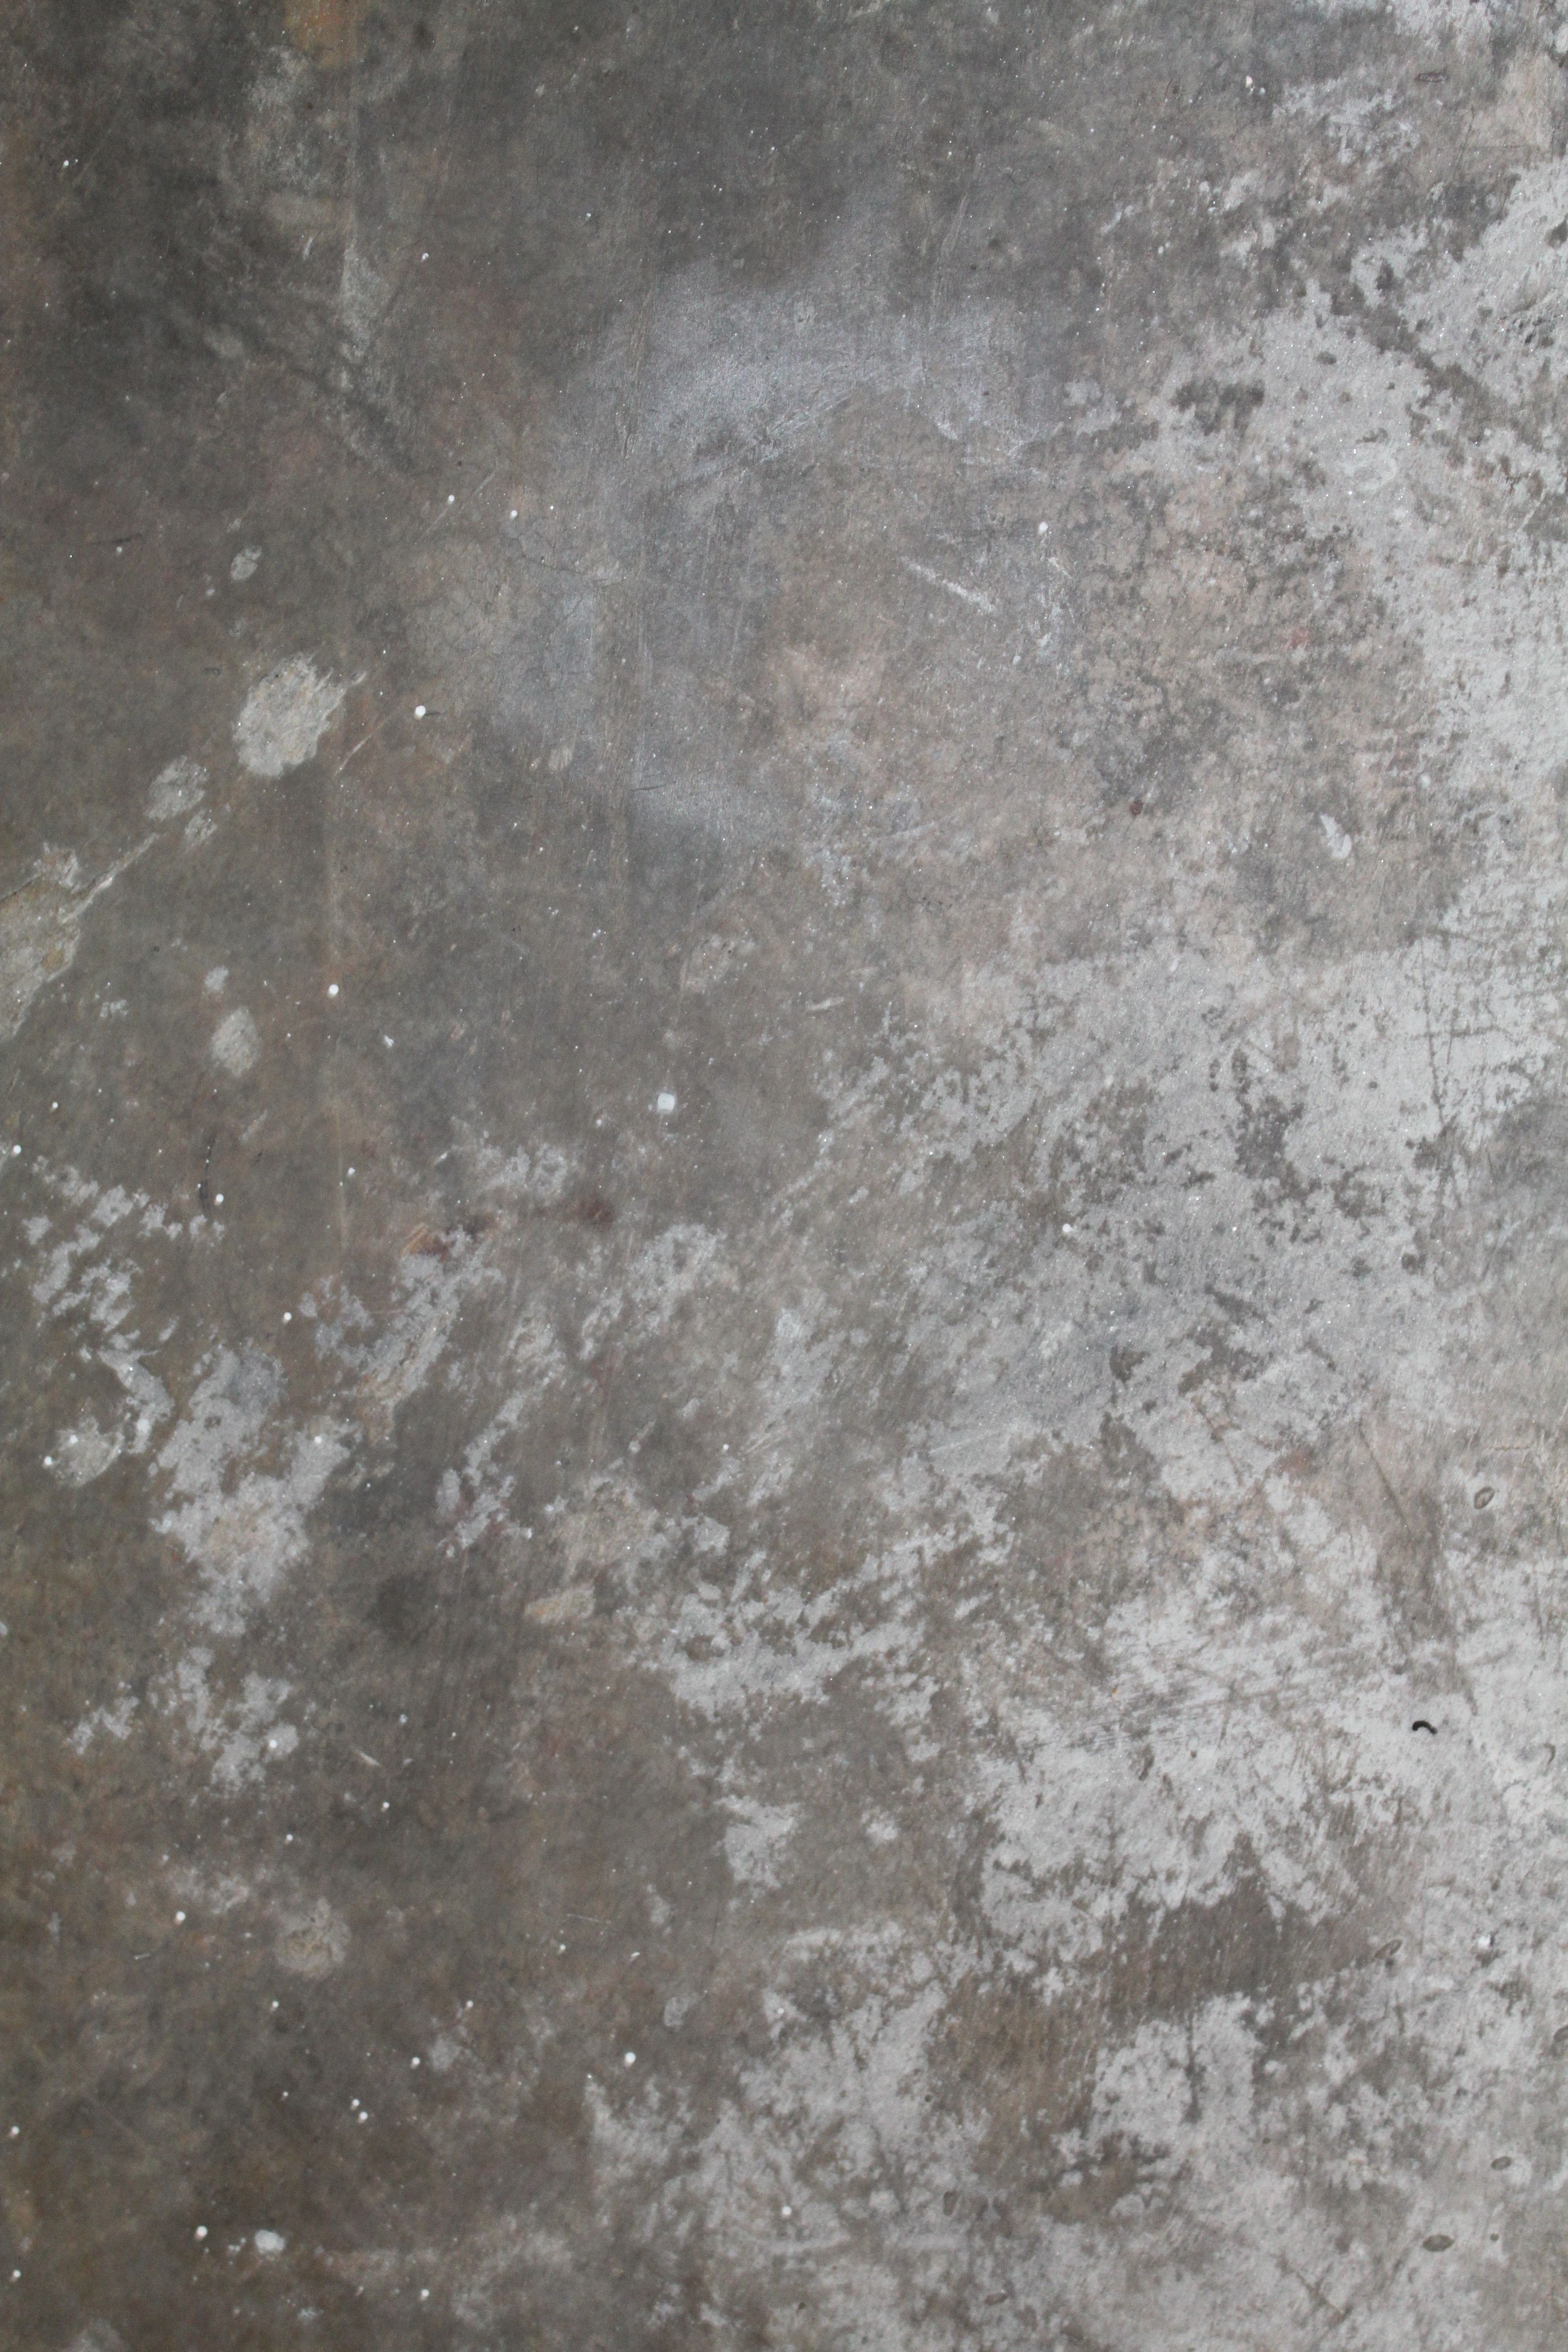 Concrete Texture 5 Concrete Textures Cloverleaf House Pinterest Concrete Wall Textures